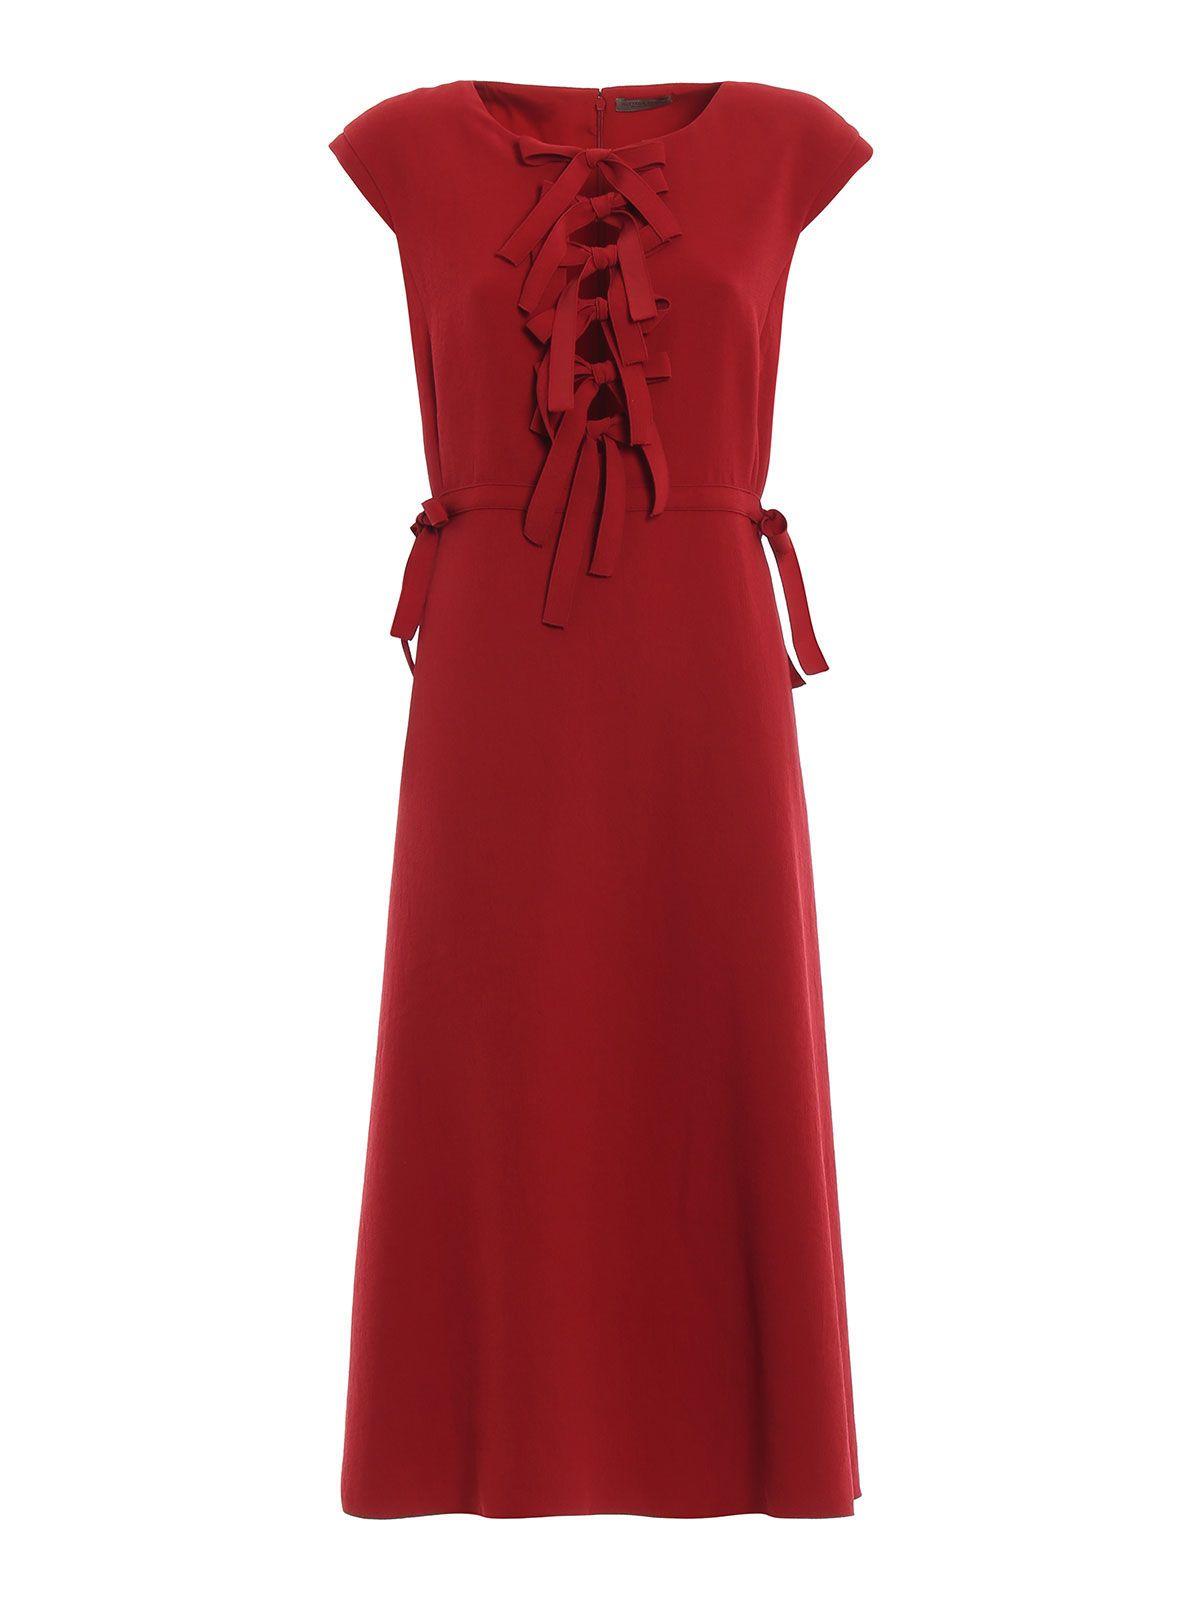 Bottega Veneta Bow Front Midi Dress